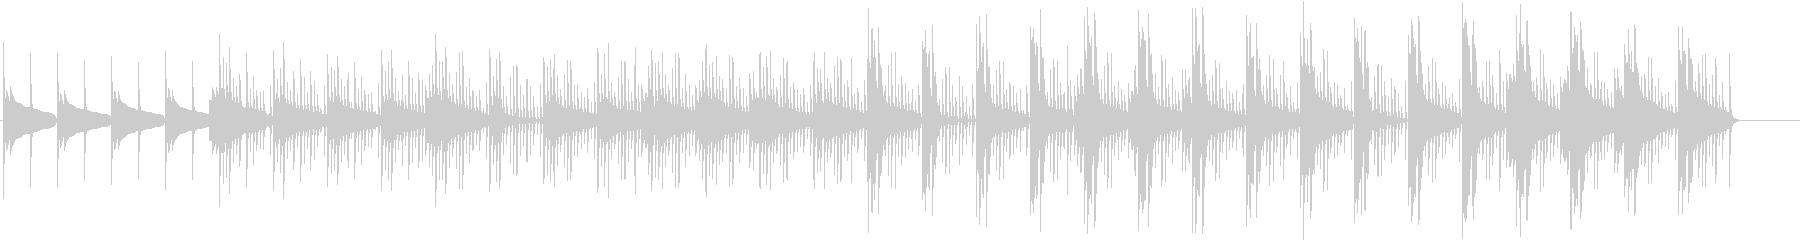 無機質な感じの短い曲の未再生の波形